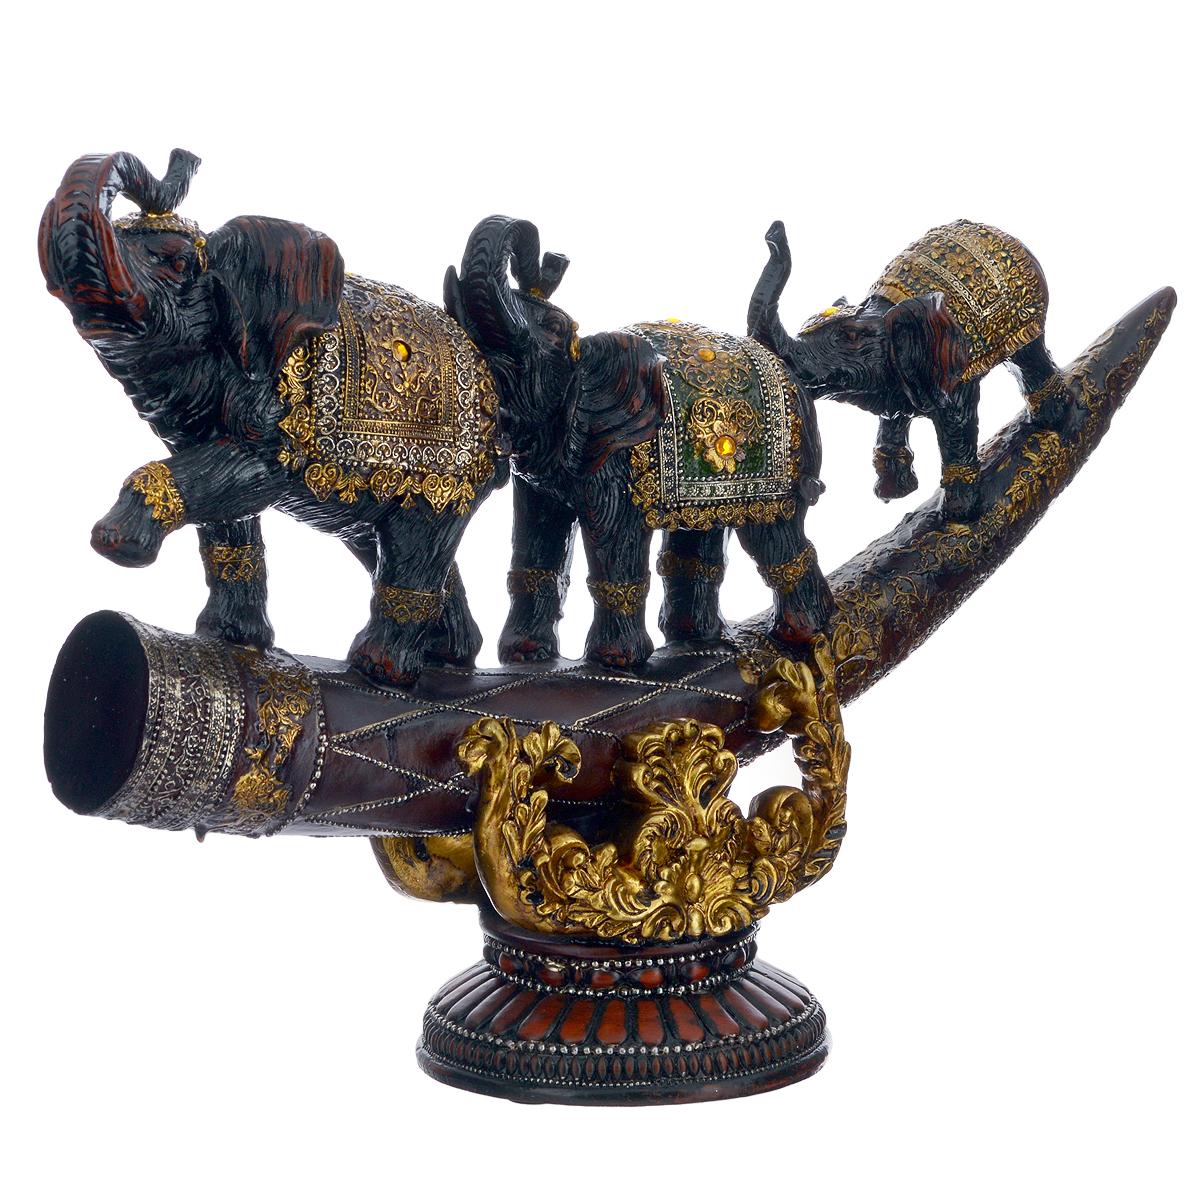 Фигурка декоративная Molento Слоны на бивне, высота 27 см549-021Декоративная фигурка Molento Слоны на бивне, изготовленная из полистоуна, позволит вам украсить интерьер дома, рабочего кабинета или любого другого помещения оригинальным образом. Изделие, выполненное в виде бивня с тремя слонами, украшено рельефными узорами и стразами. С такой декоративной фигурой вы сможете не просто внести в интерьер элемент оригинальности, но и создать атмосферу загадочности и изысканности. Размер фигурки: 41 см х 12 см х 27 см.